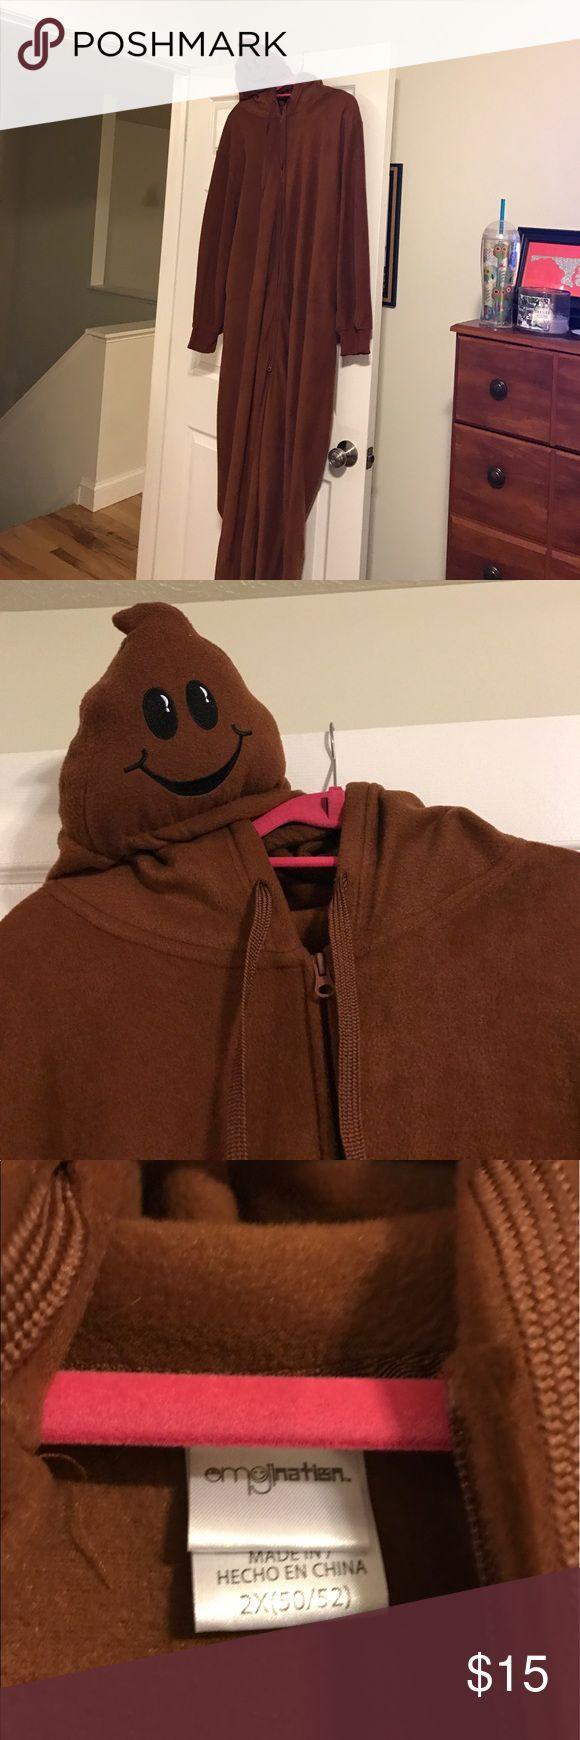 Poop emoji onesie Super cute and funny onesie! Works for man or woman. Hood is poop emoji Intimates & Sleepwear Pajamas